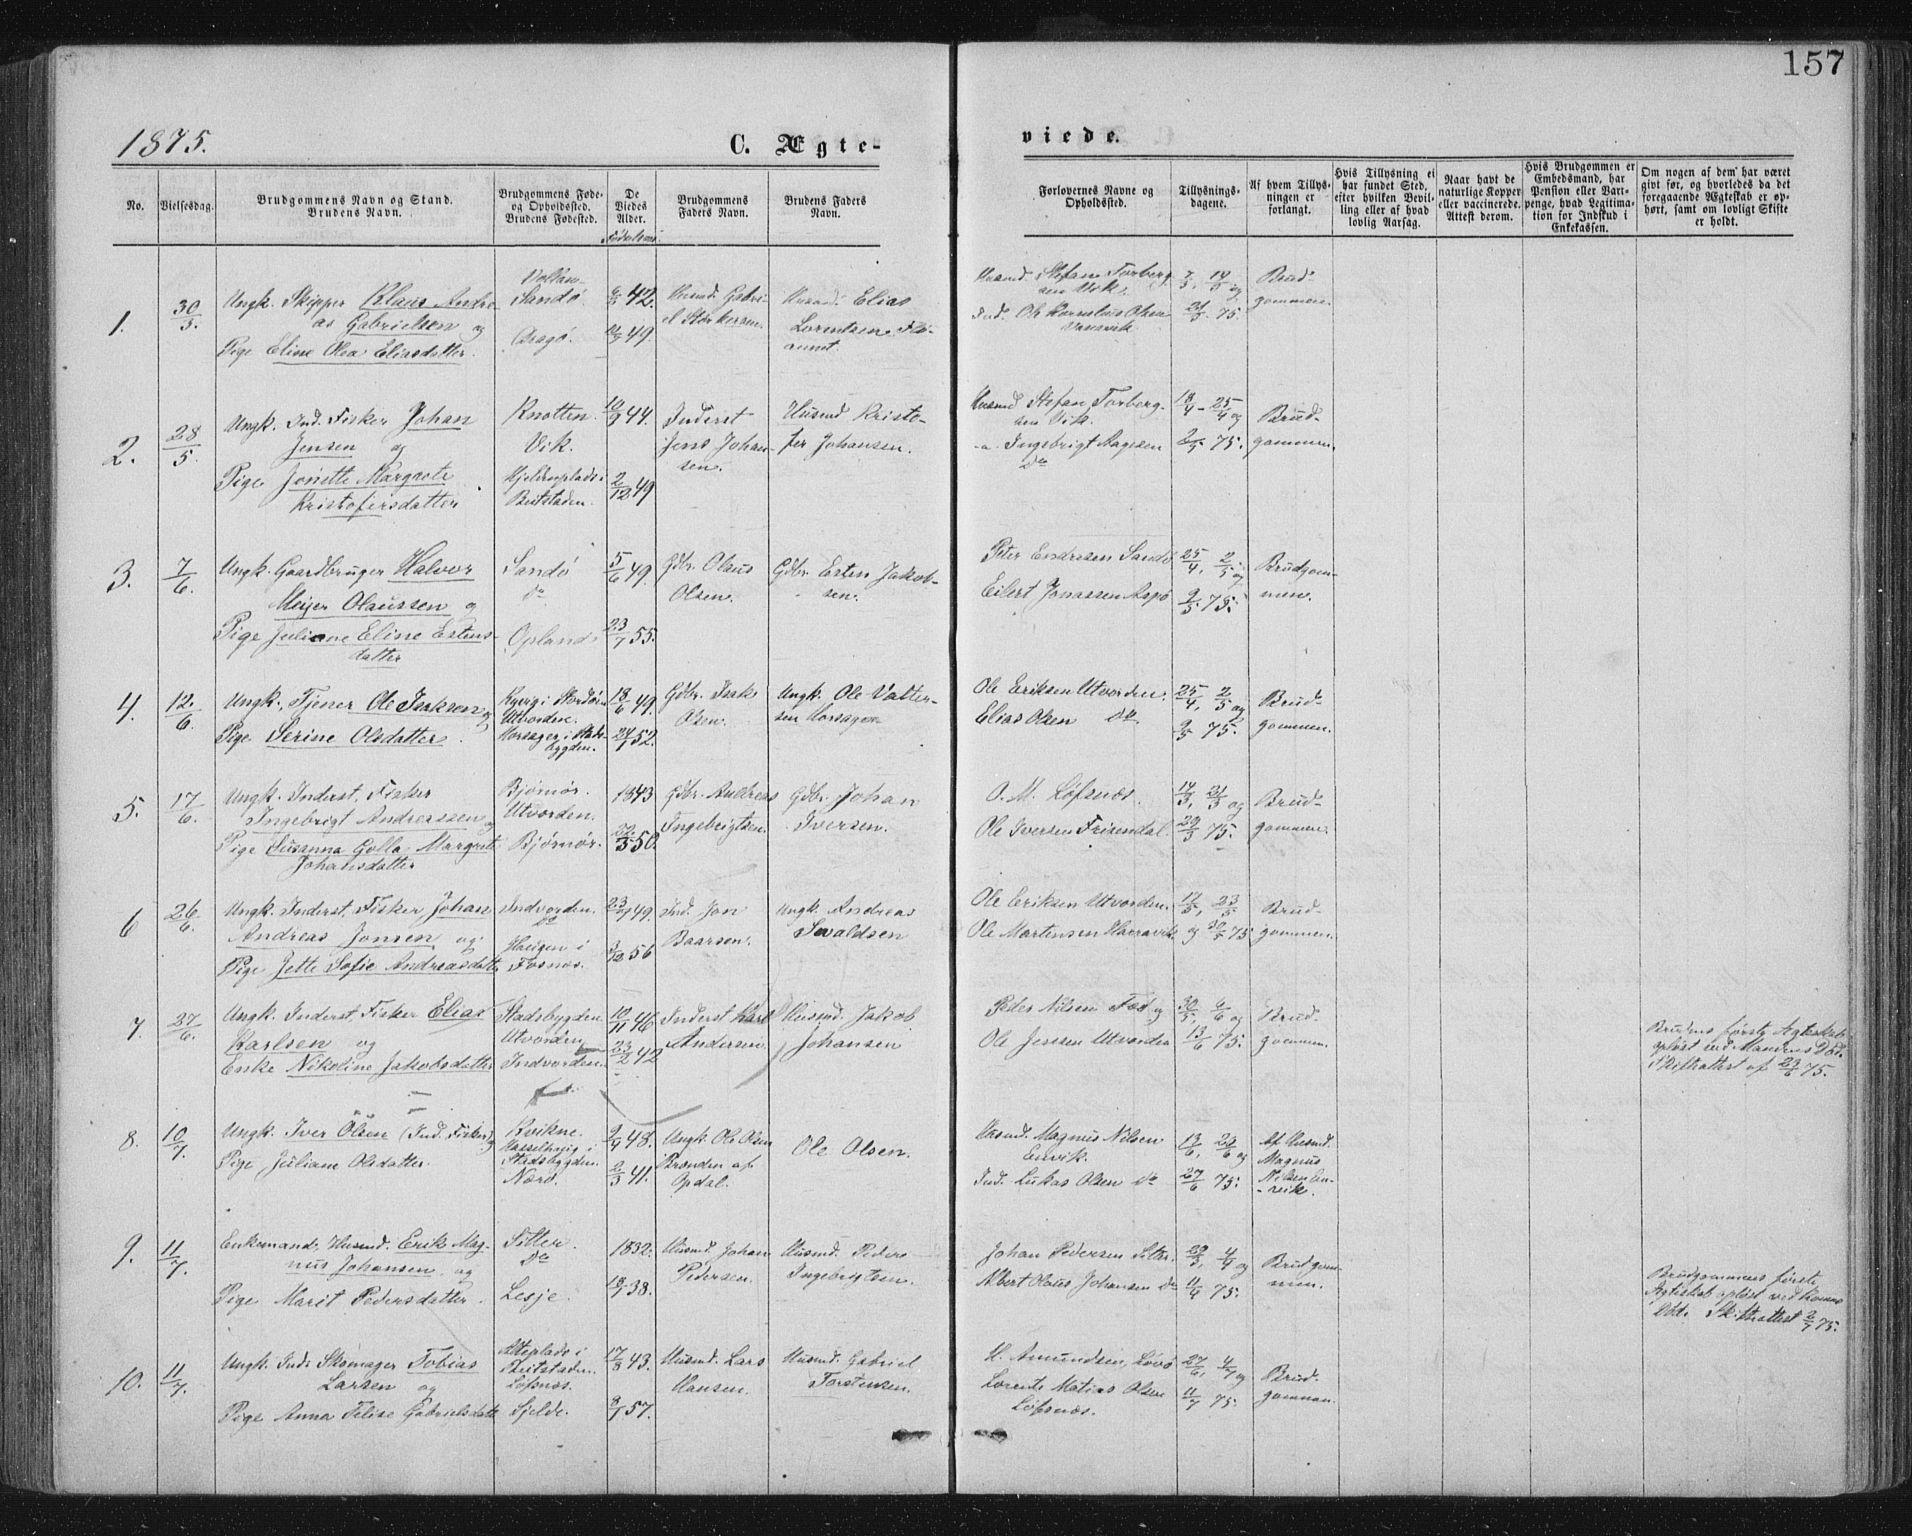 SAT, Ministerialprotokoller, klokkerbøker og fødselsregistre - Nord-Trøndelag, 771/L0596: Ministerialbok nr. 771A03, 1870-1884, s. 157